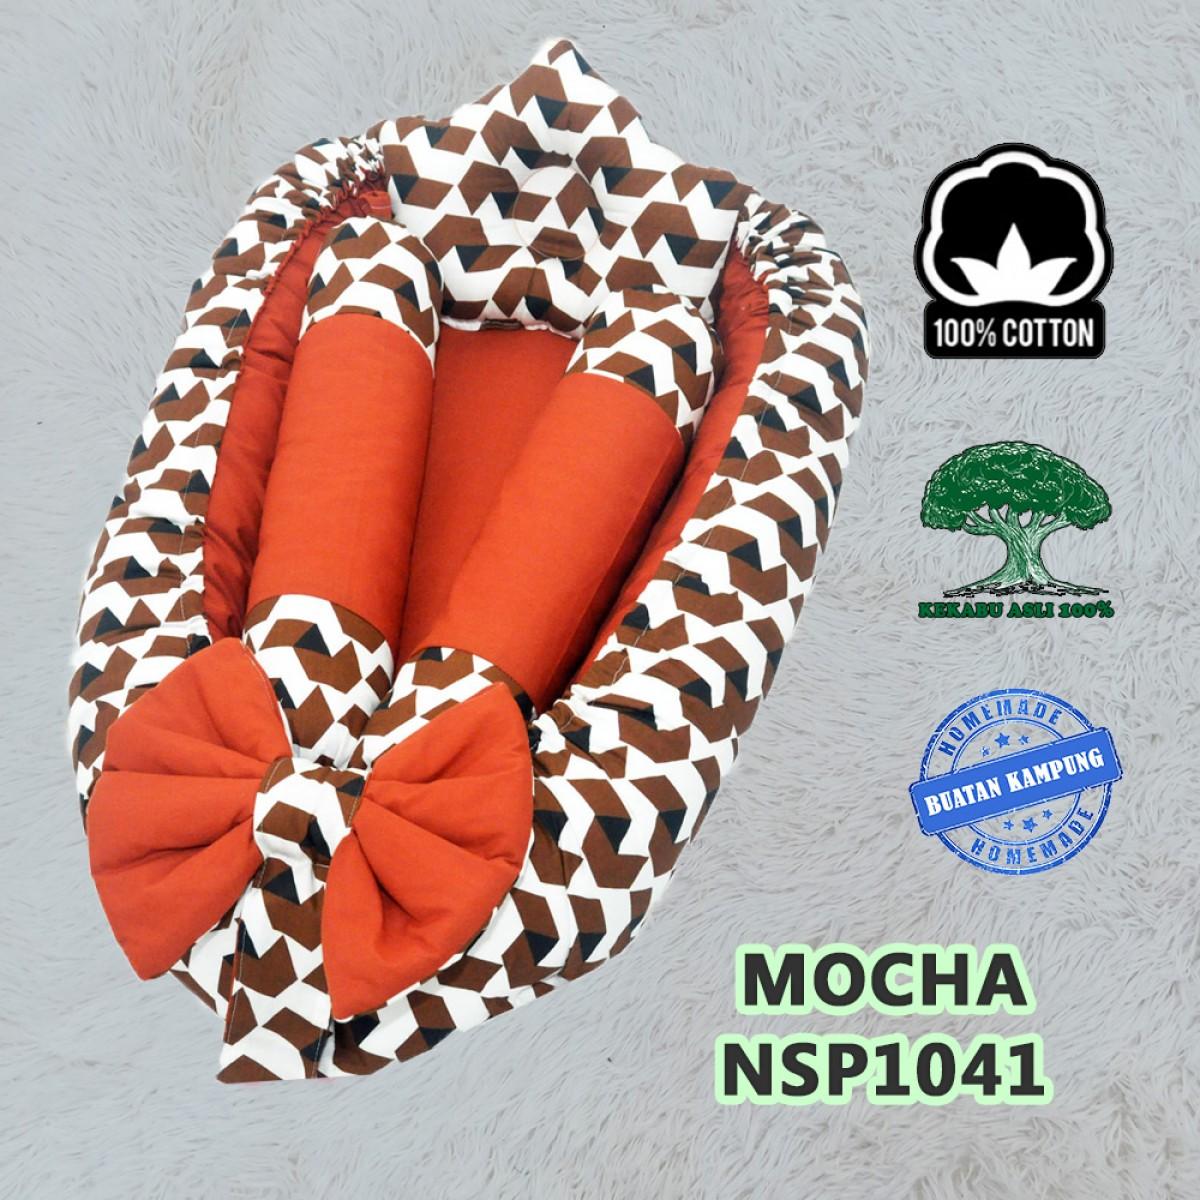 Mocha - Kico Baby Center